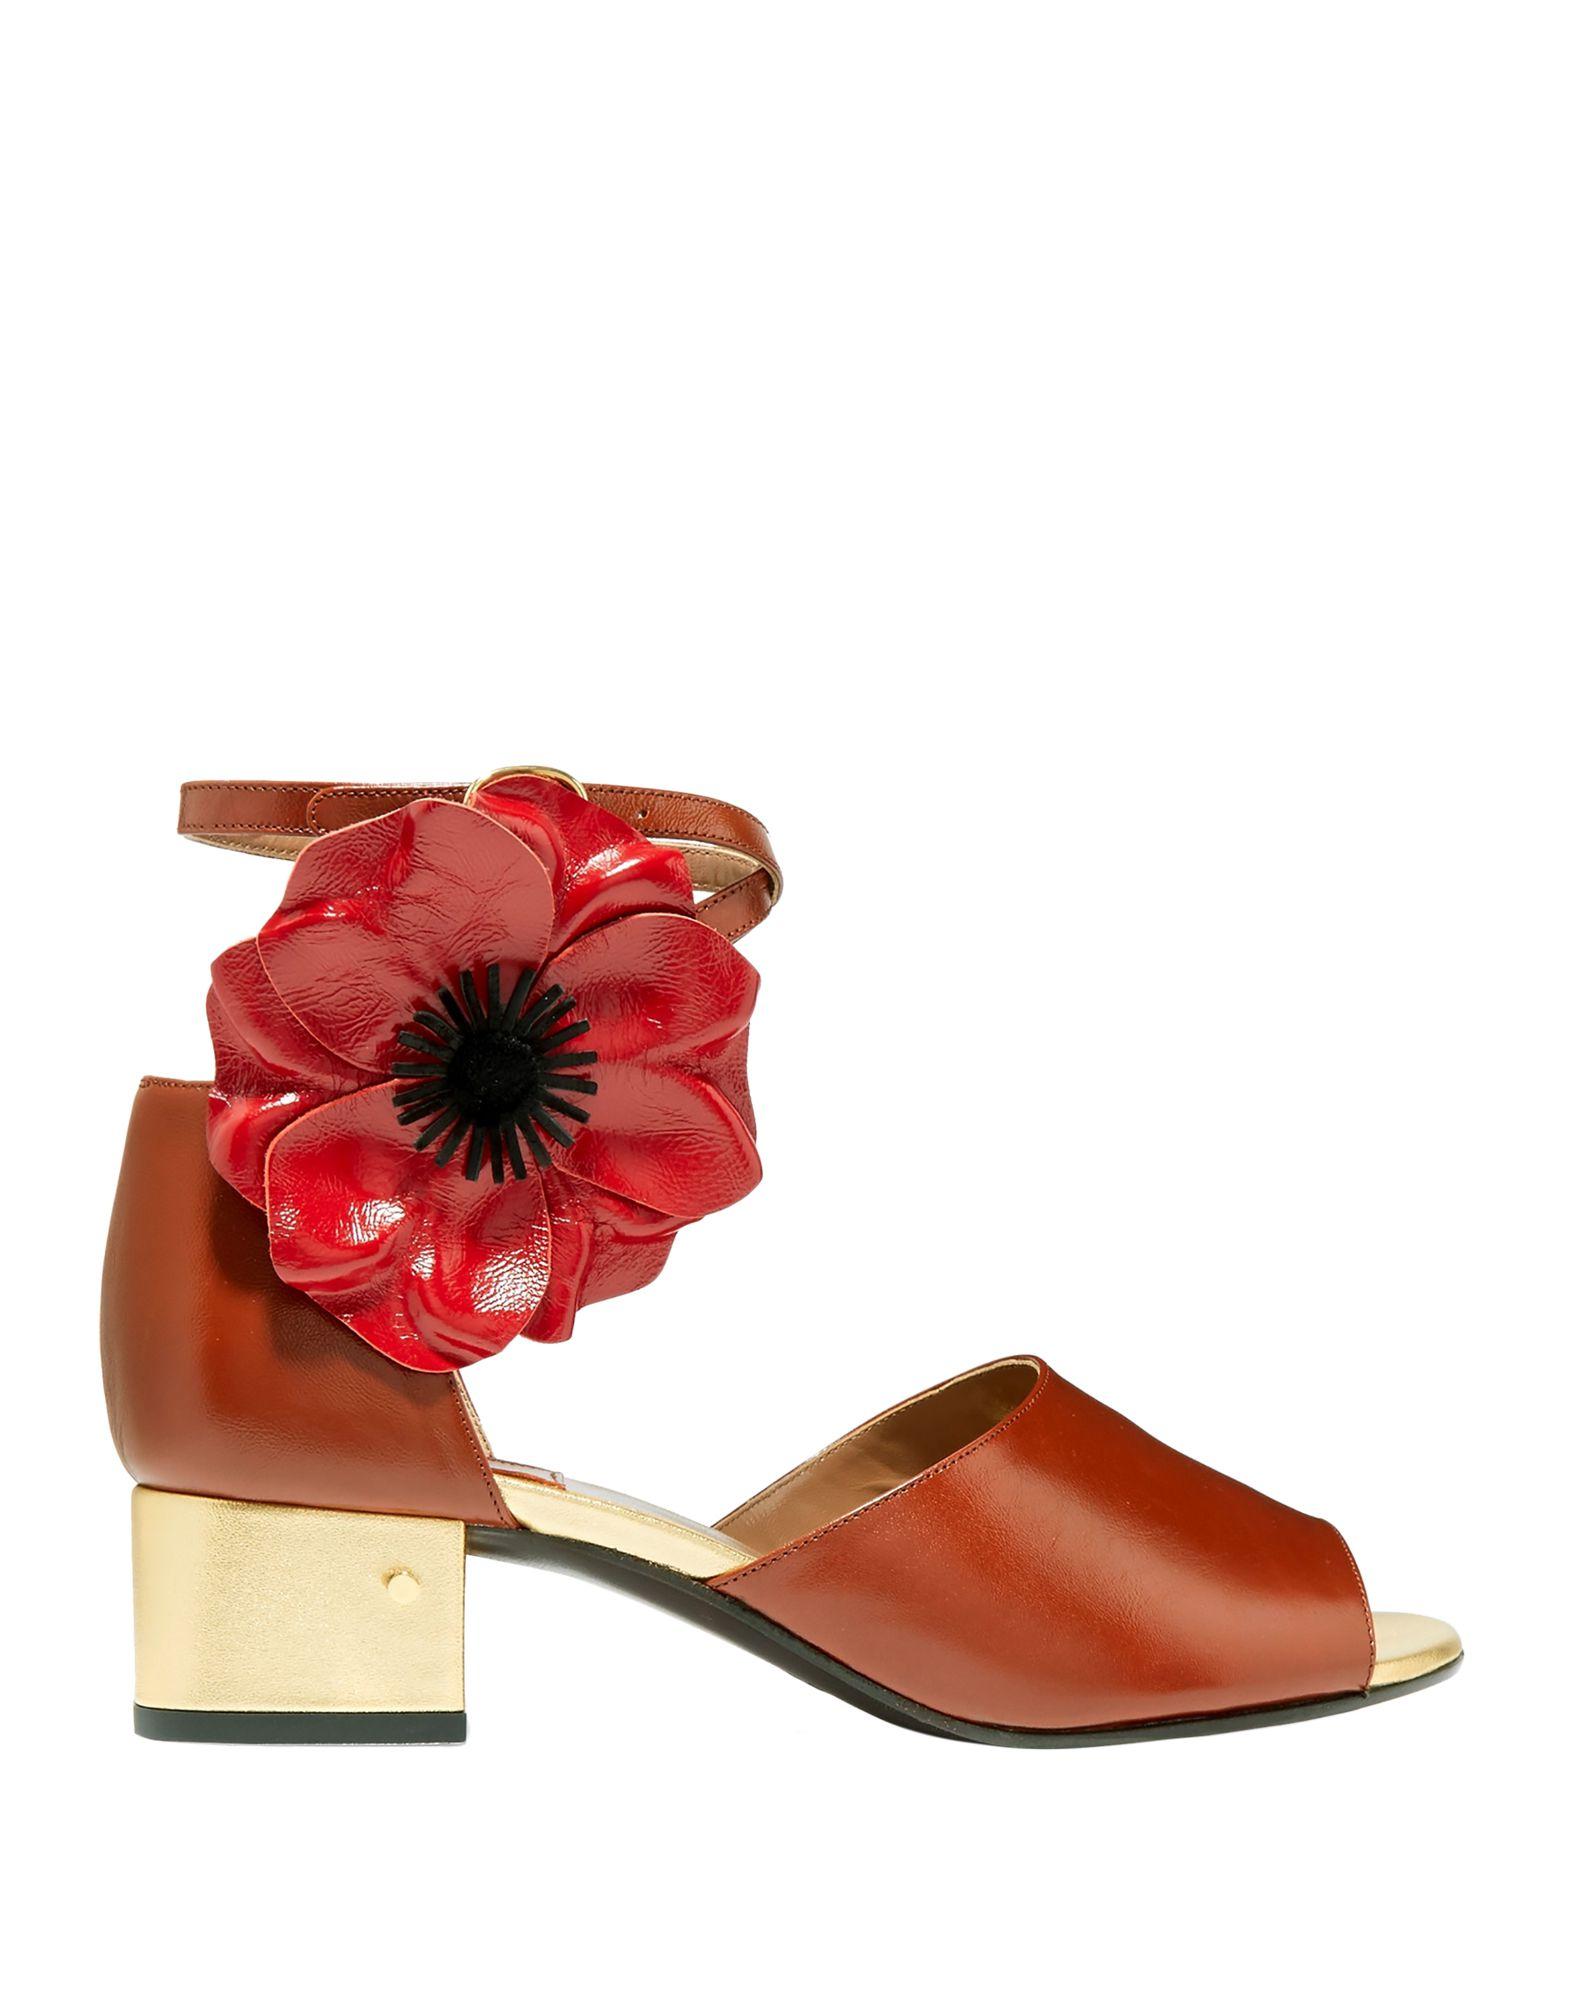 Laurence Dacade Sandals - Women on Laurence Dacade Sandals online on Women  Australia - 11559836RT 35ac21